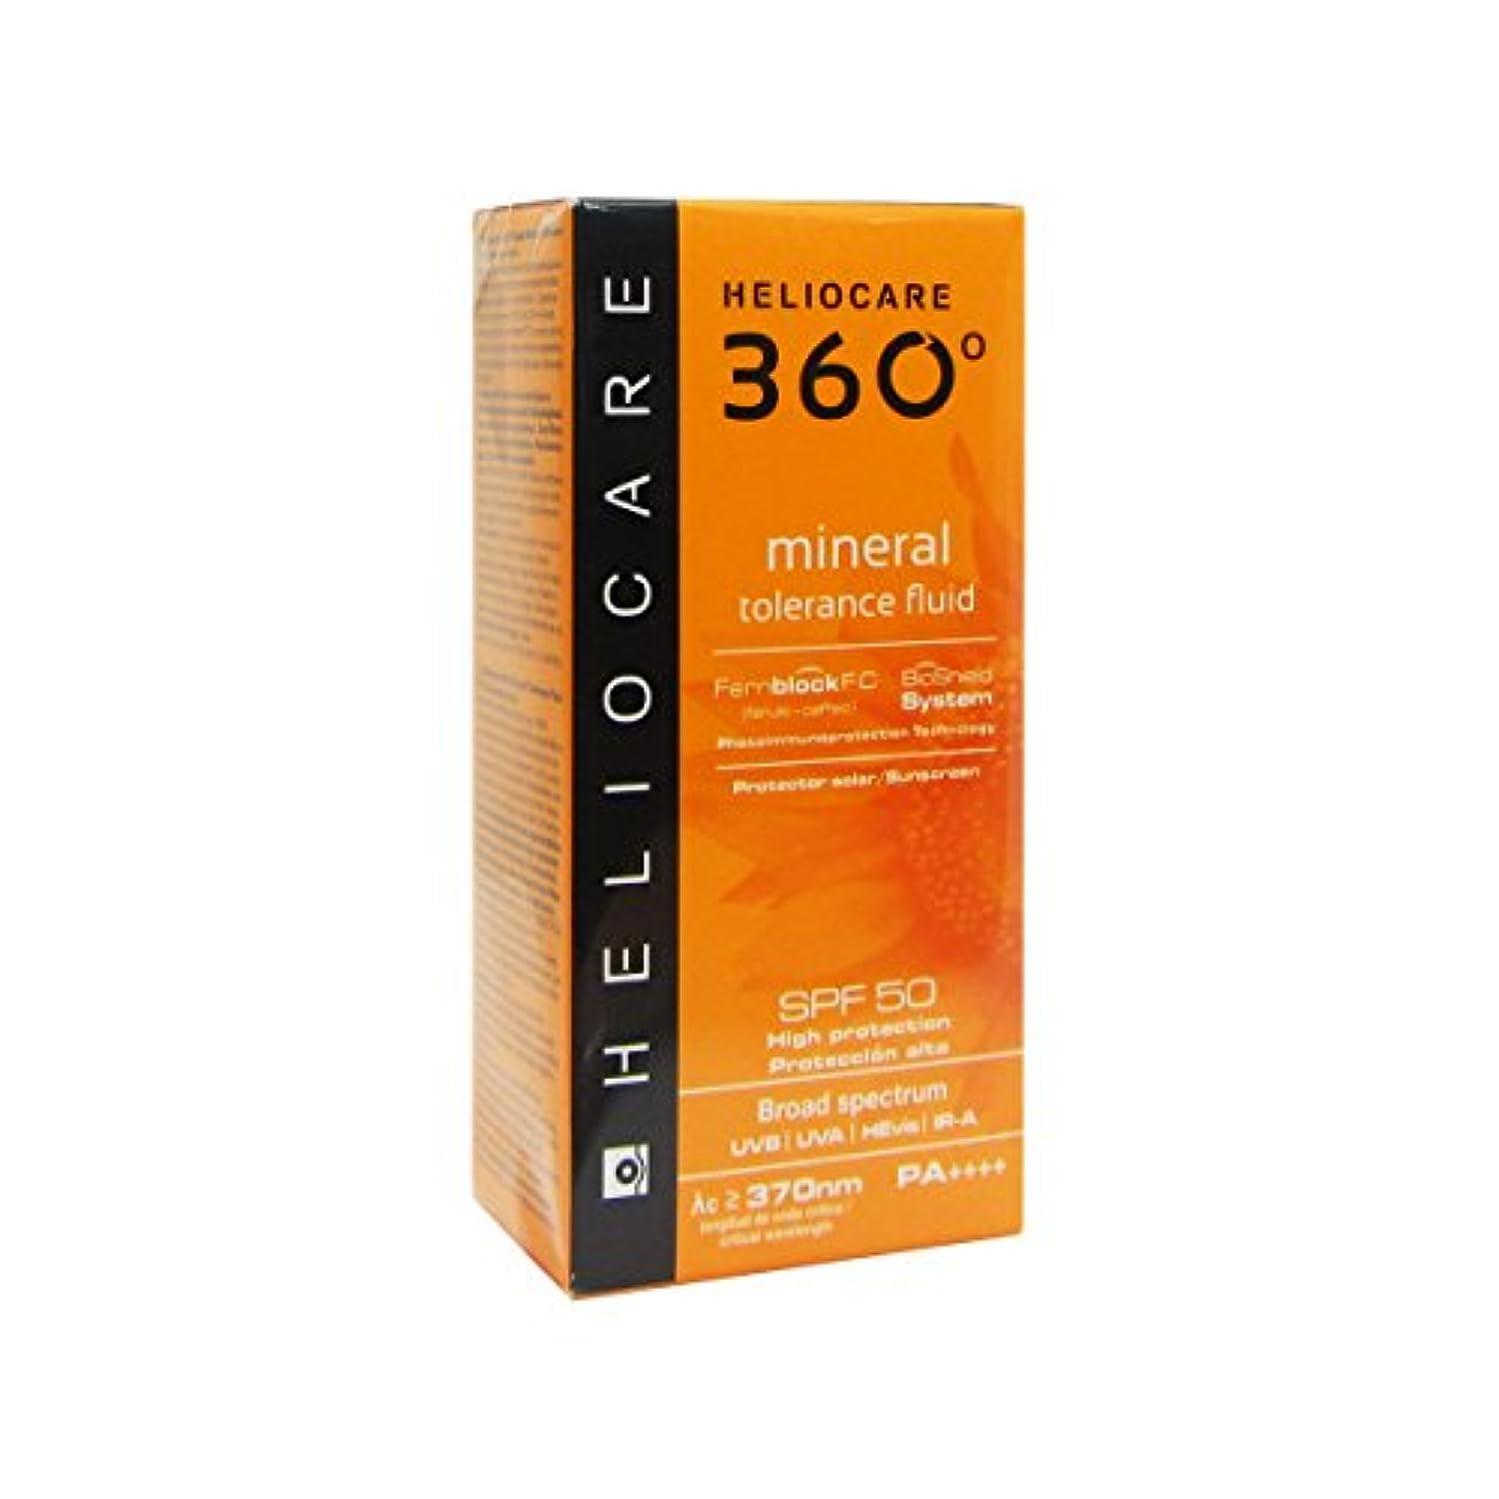 フレームワーク簡略化する感謝祭Heliocare 360 Mineral Tolerance Fluid Spf50 50ml [並行輸入品]